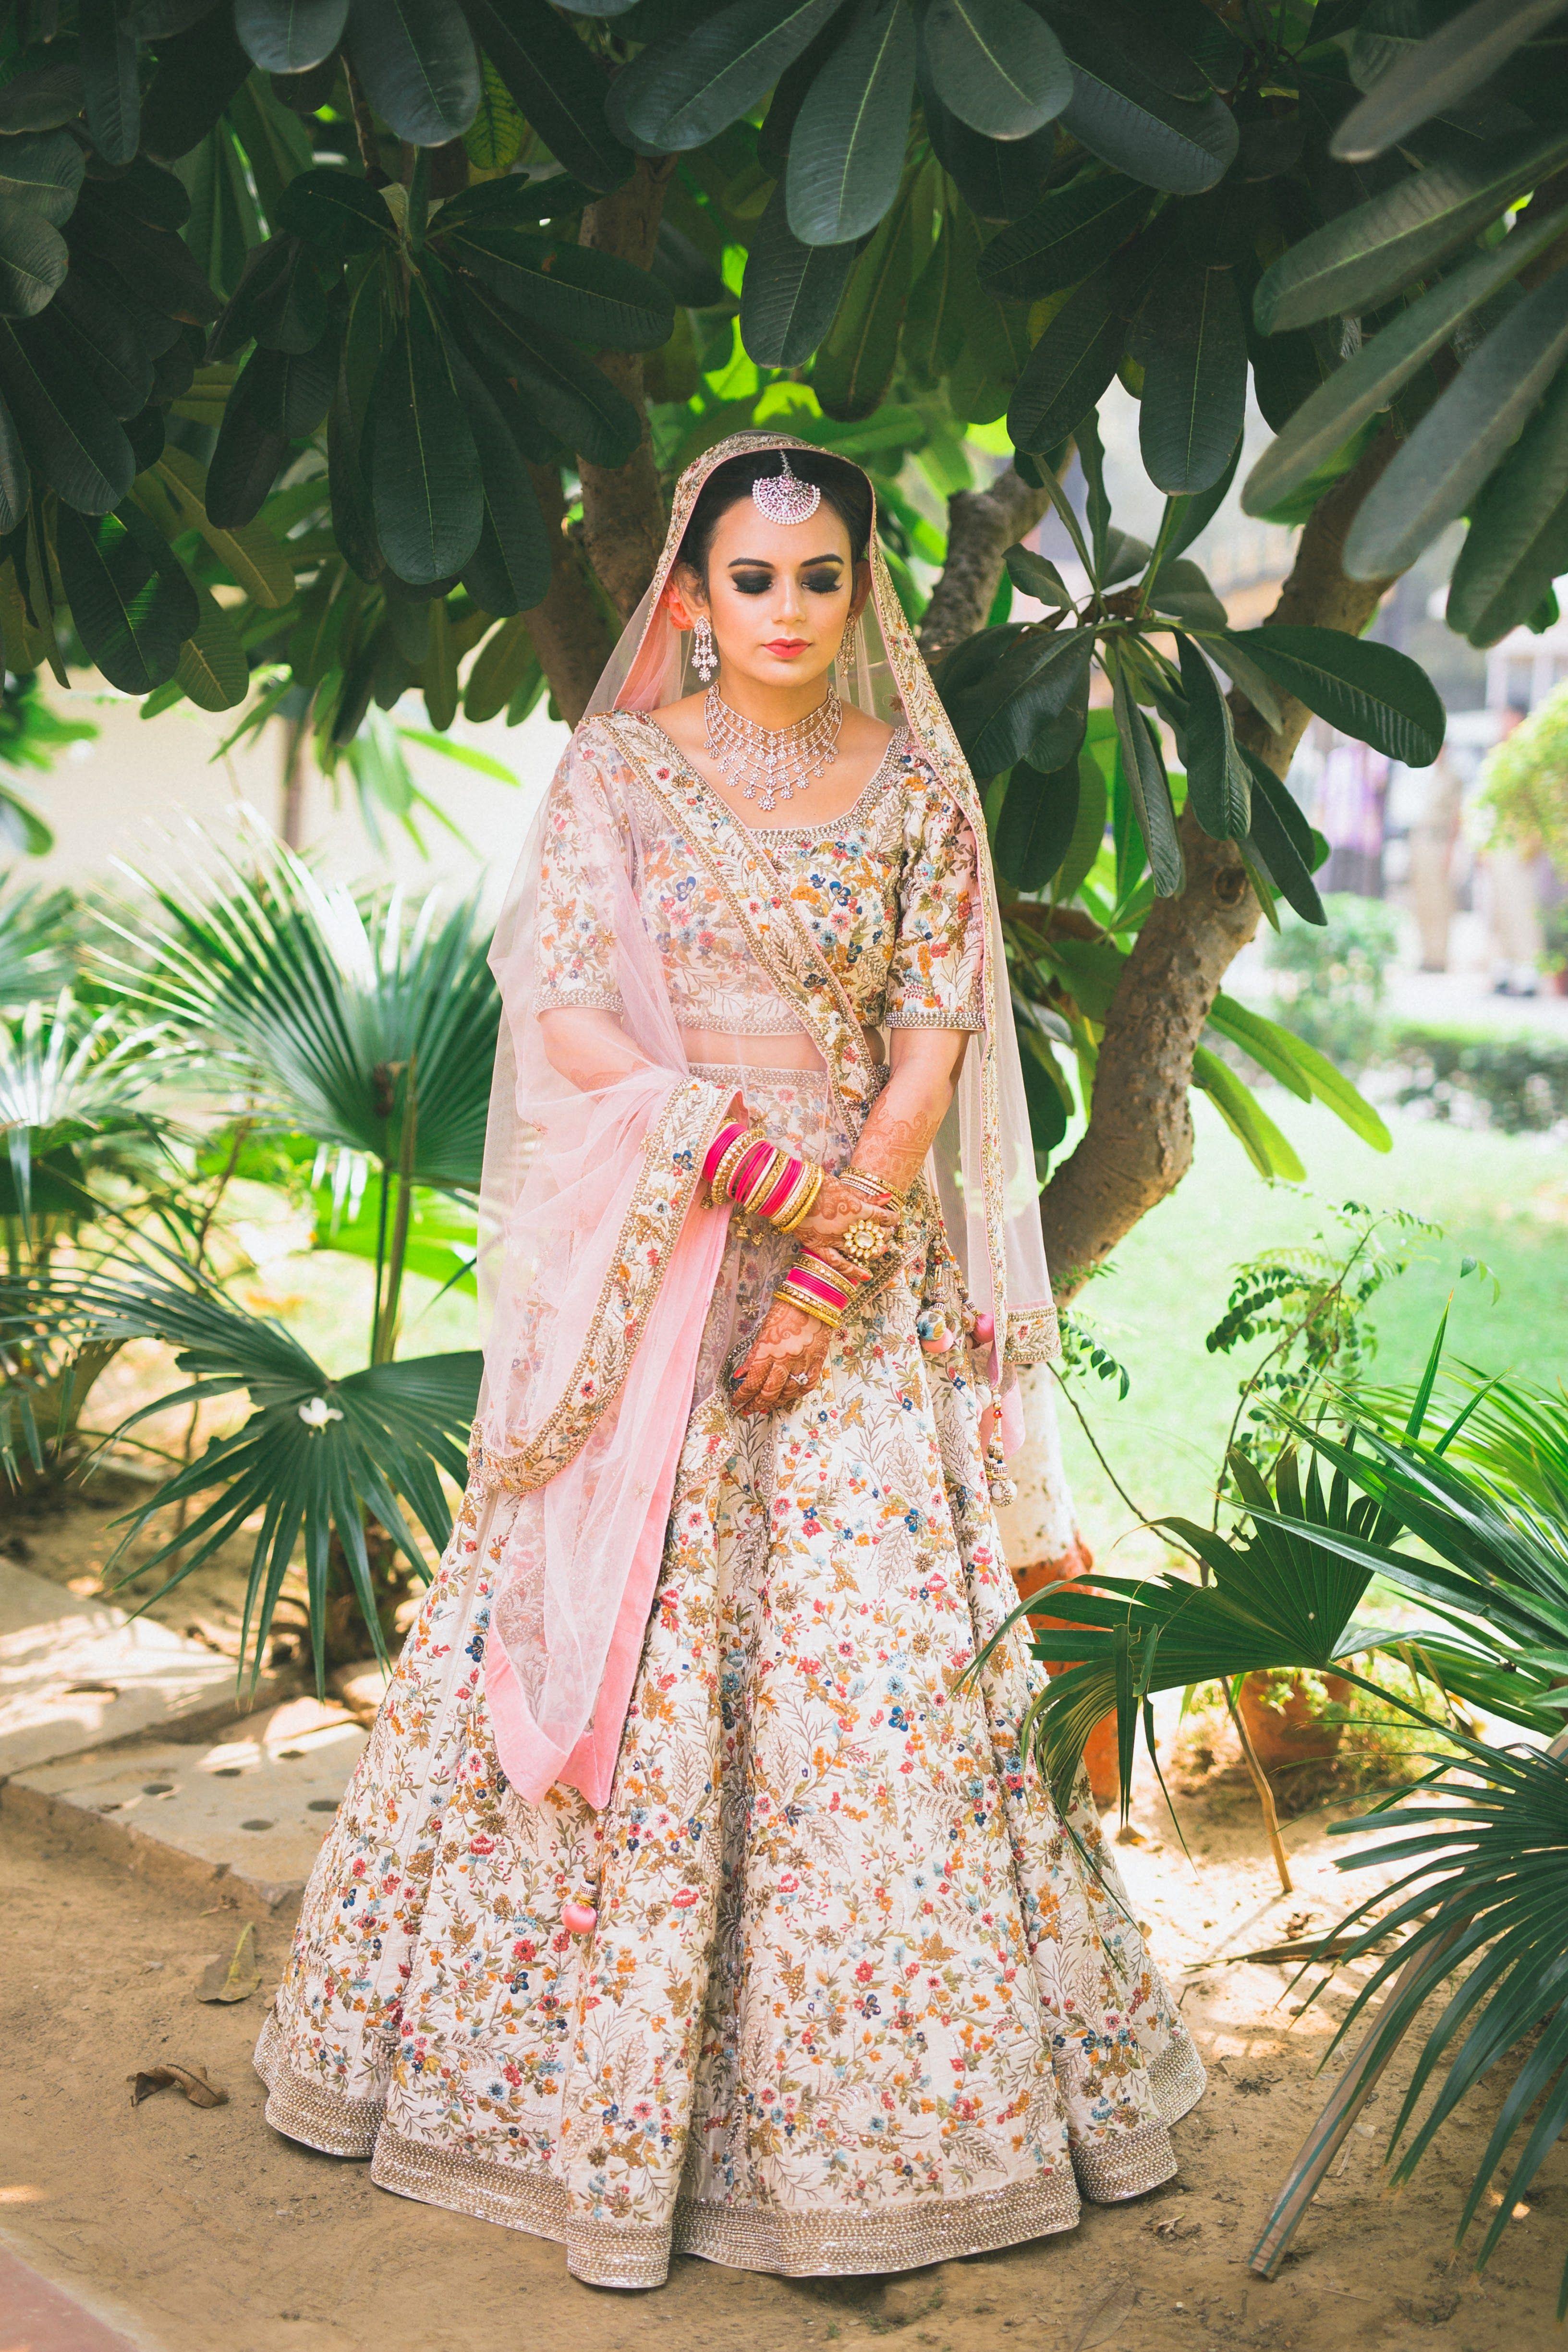 b11fc5054deb V E E • pinterest : @vandanabadlani• Indian wedding ideas and inspiration,  lehenga, suits, traditional, ceremony, jewellery indian, india, style  designer, ...